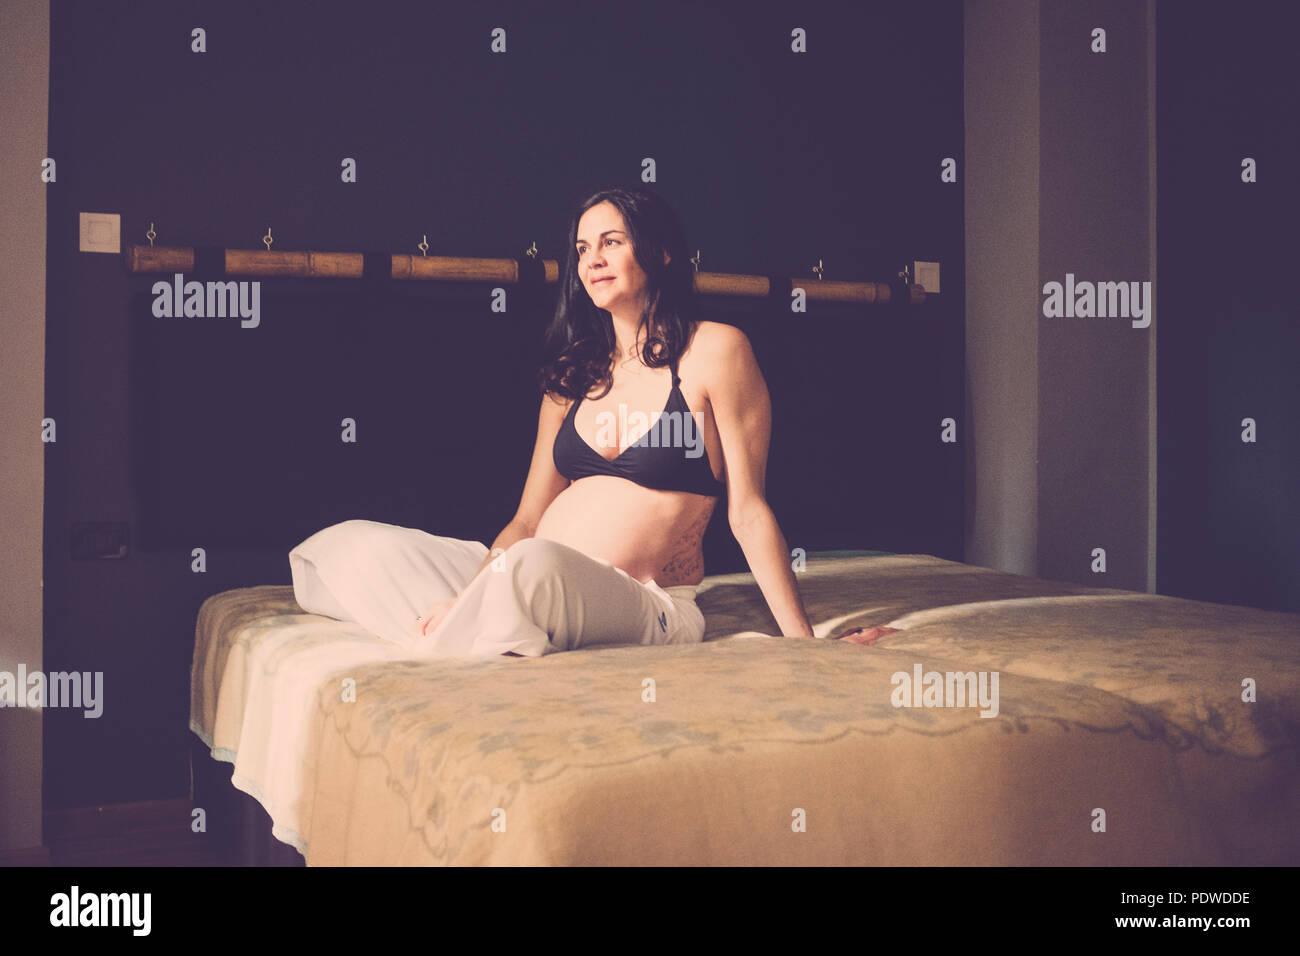 Gravidanza caucasico bella donna seduta sul pavimento e respirare per rilassarsi. Il nuovo concetto di vita a casa. Da soli in camera da letto il sorriso e la felicità per n Foto Stock